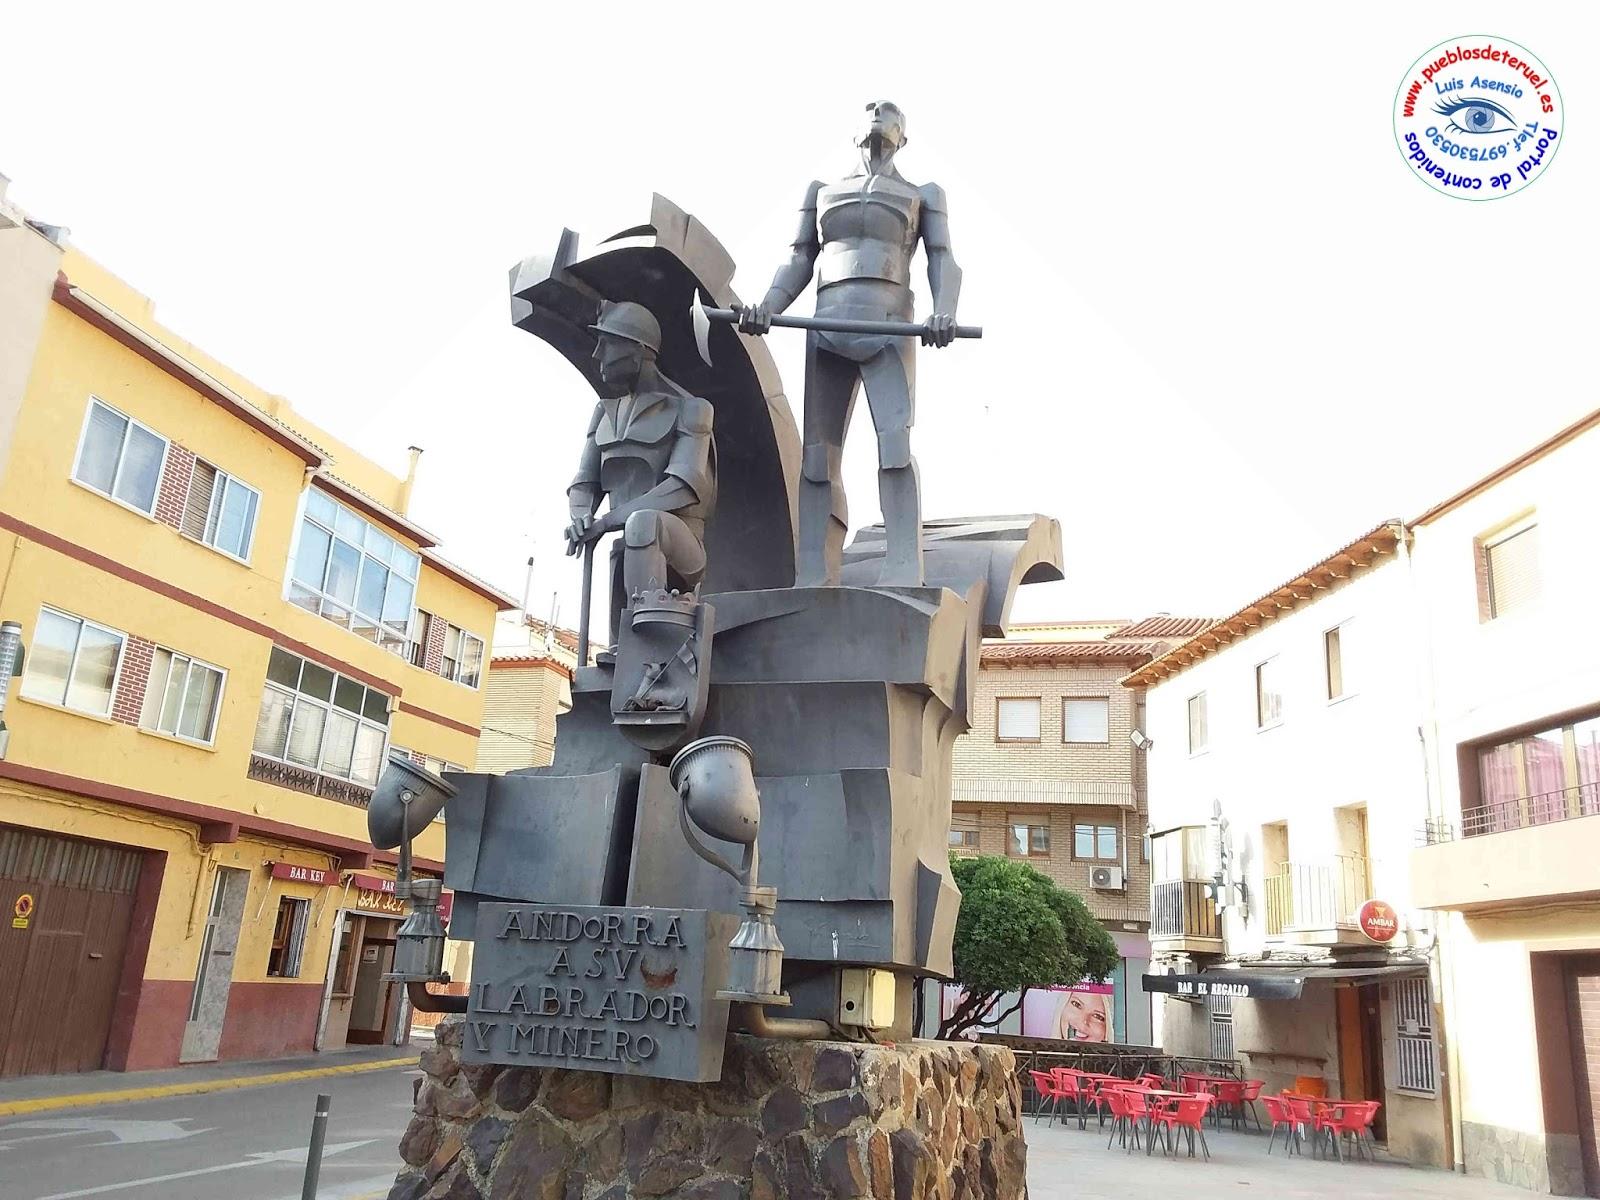 Turismo en andorra punto 3 plaza del regallo monumento al labrador y al minero - Oficina turismo andorra ...